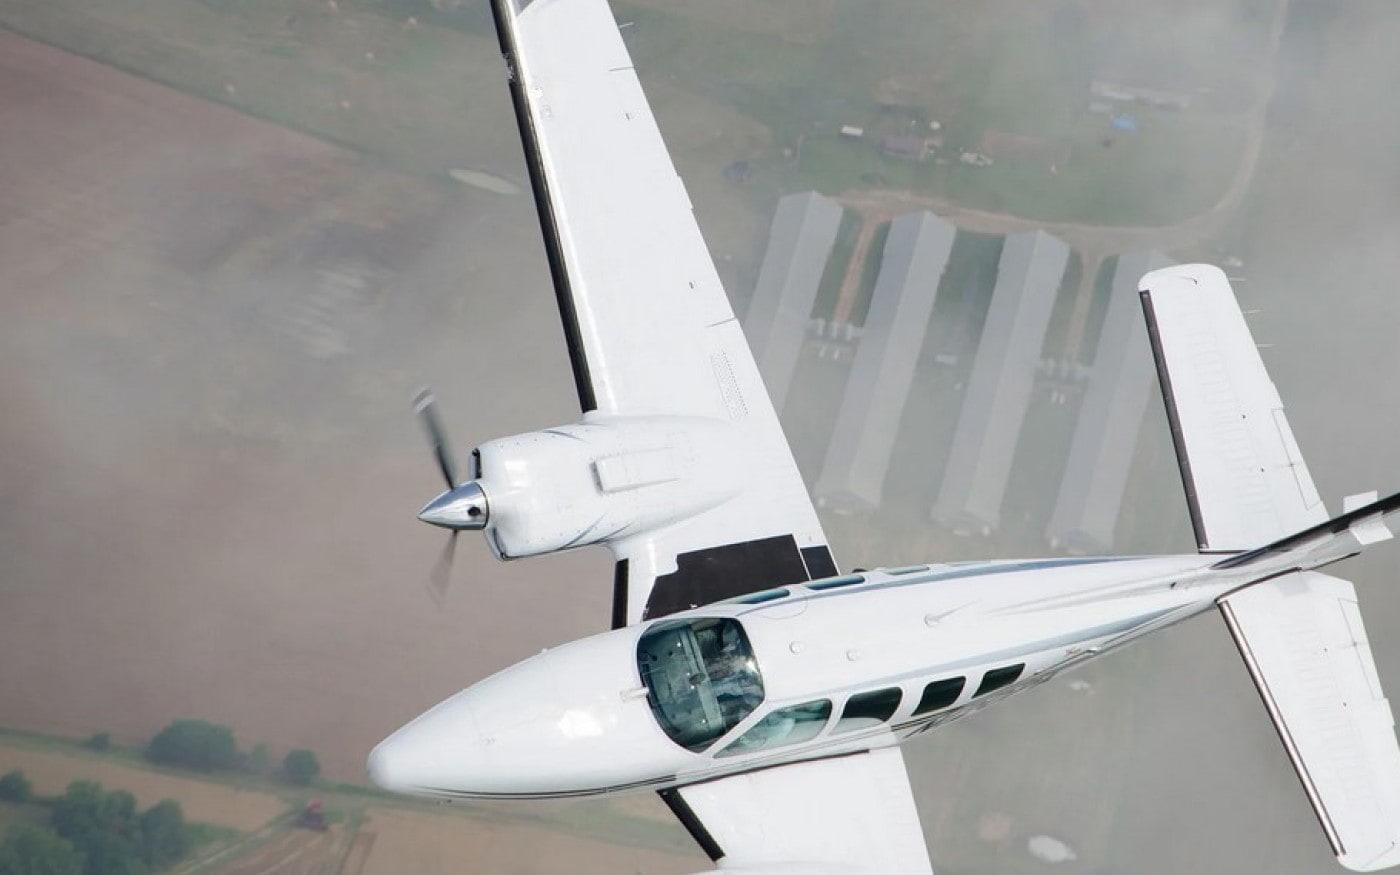 [Autoland] Garmin desenvolve sistema capaz de realizar pouso de avião de forma automática